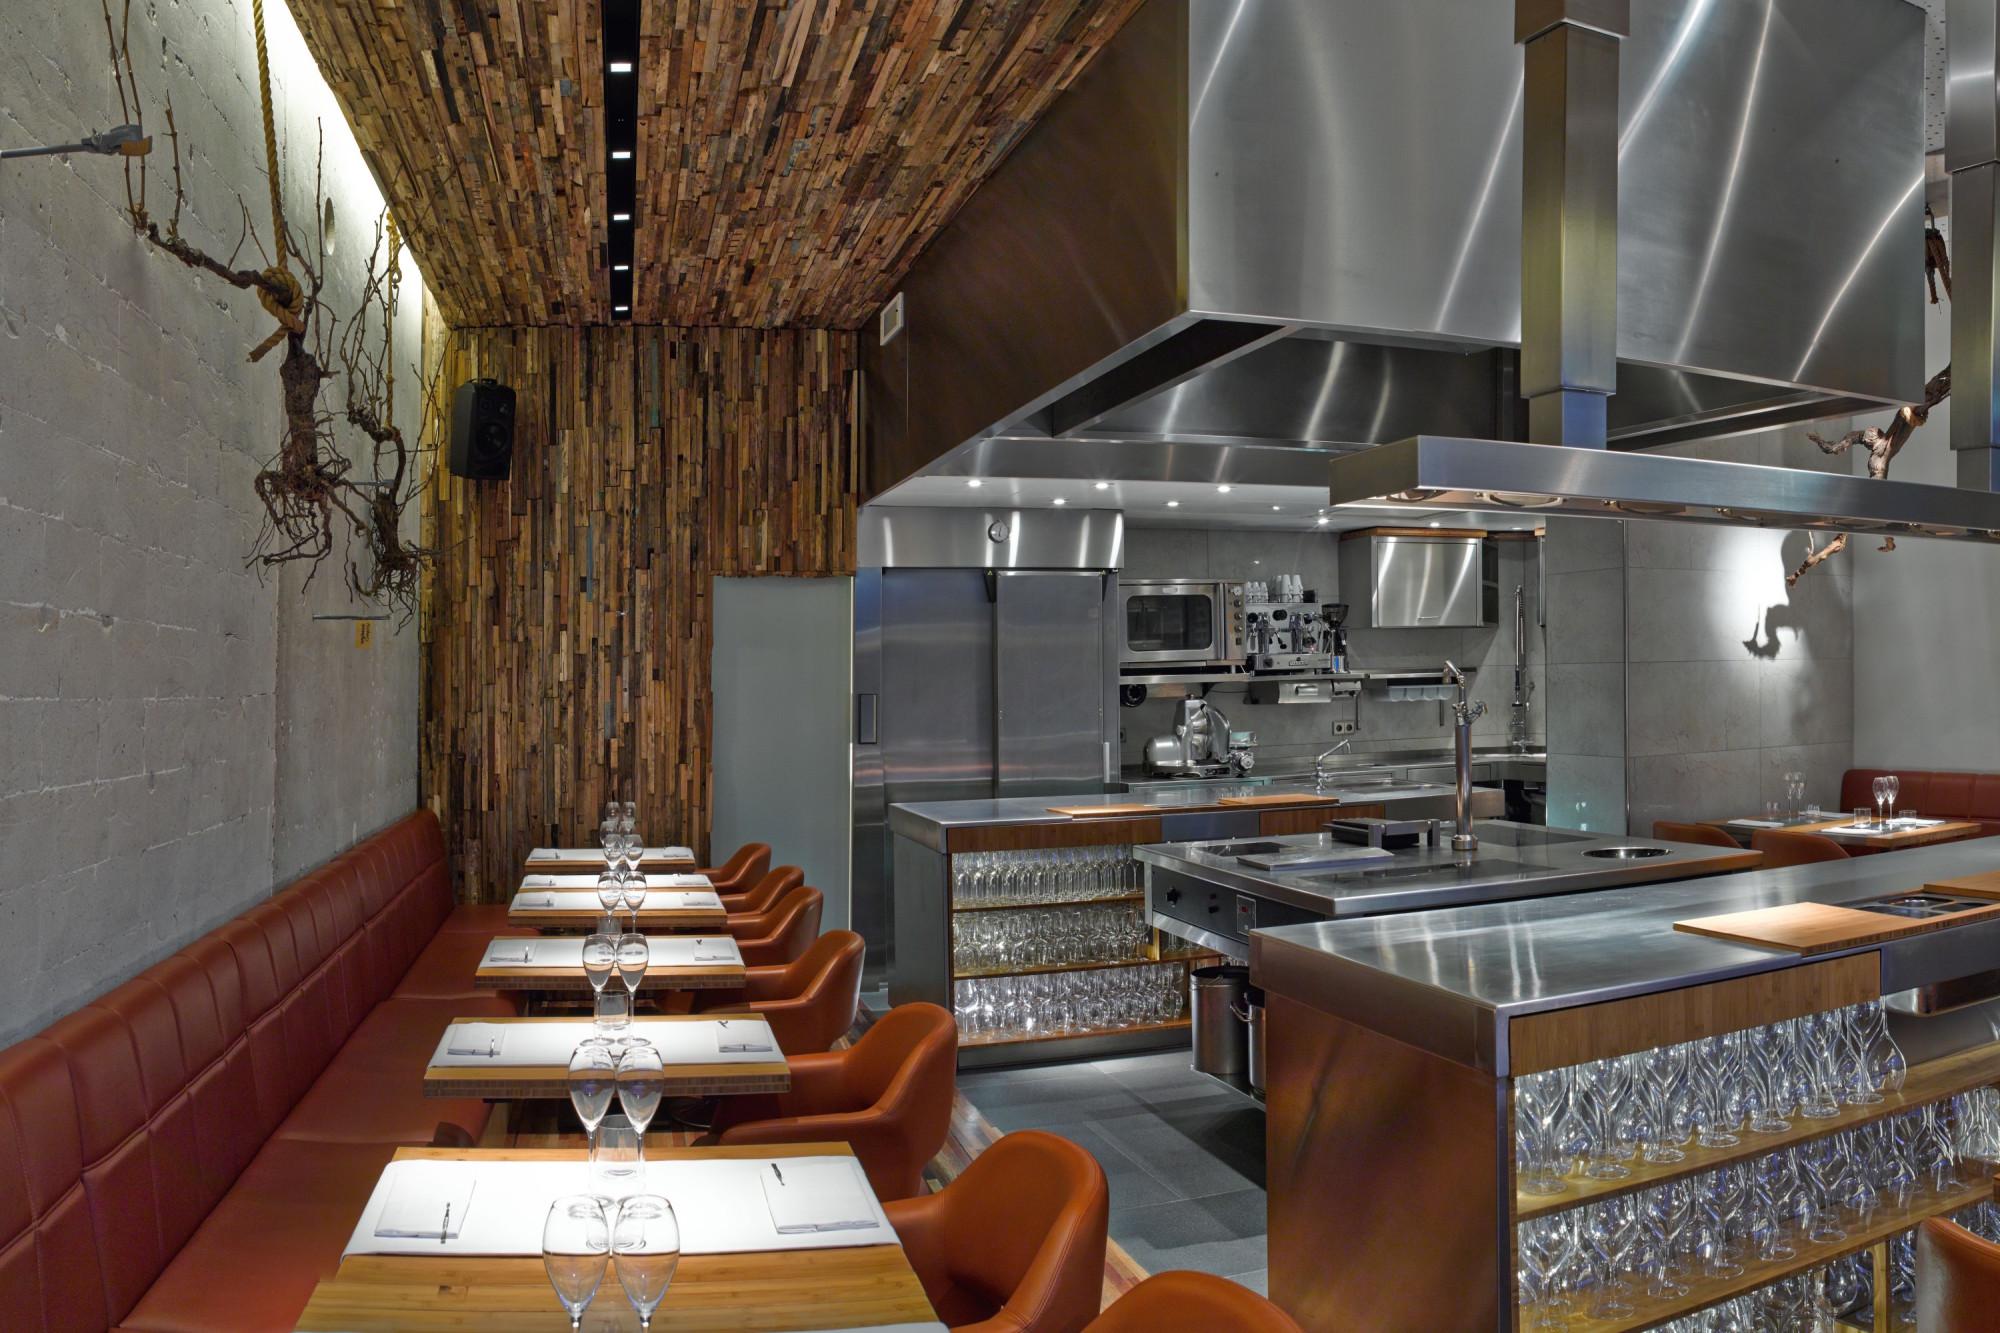 Keuken Kopen Rotterdam : Bubbelbrunch bij restaurant in de keuken van floris rotterdam